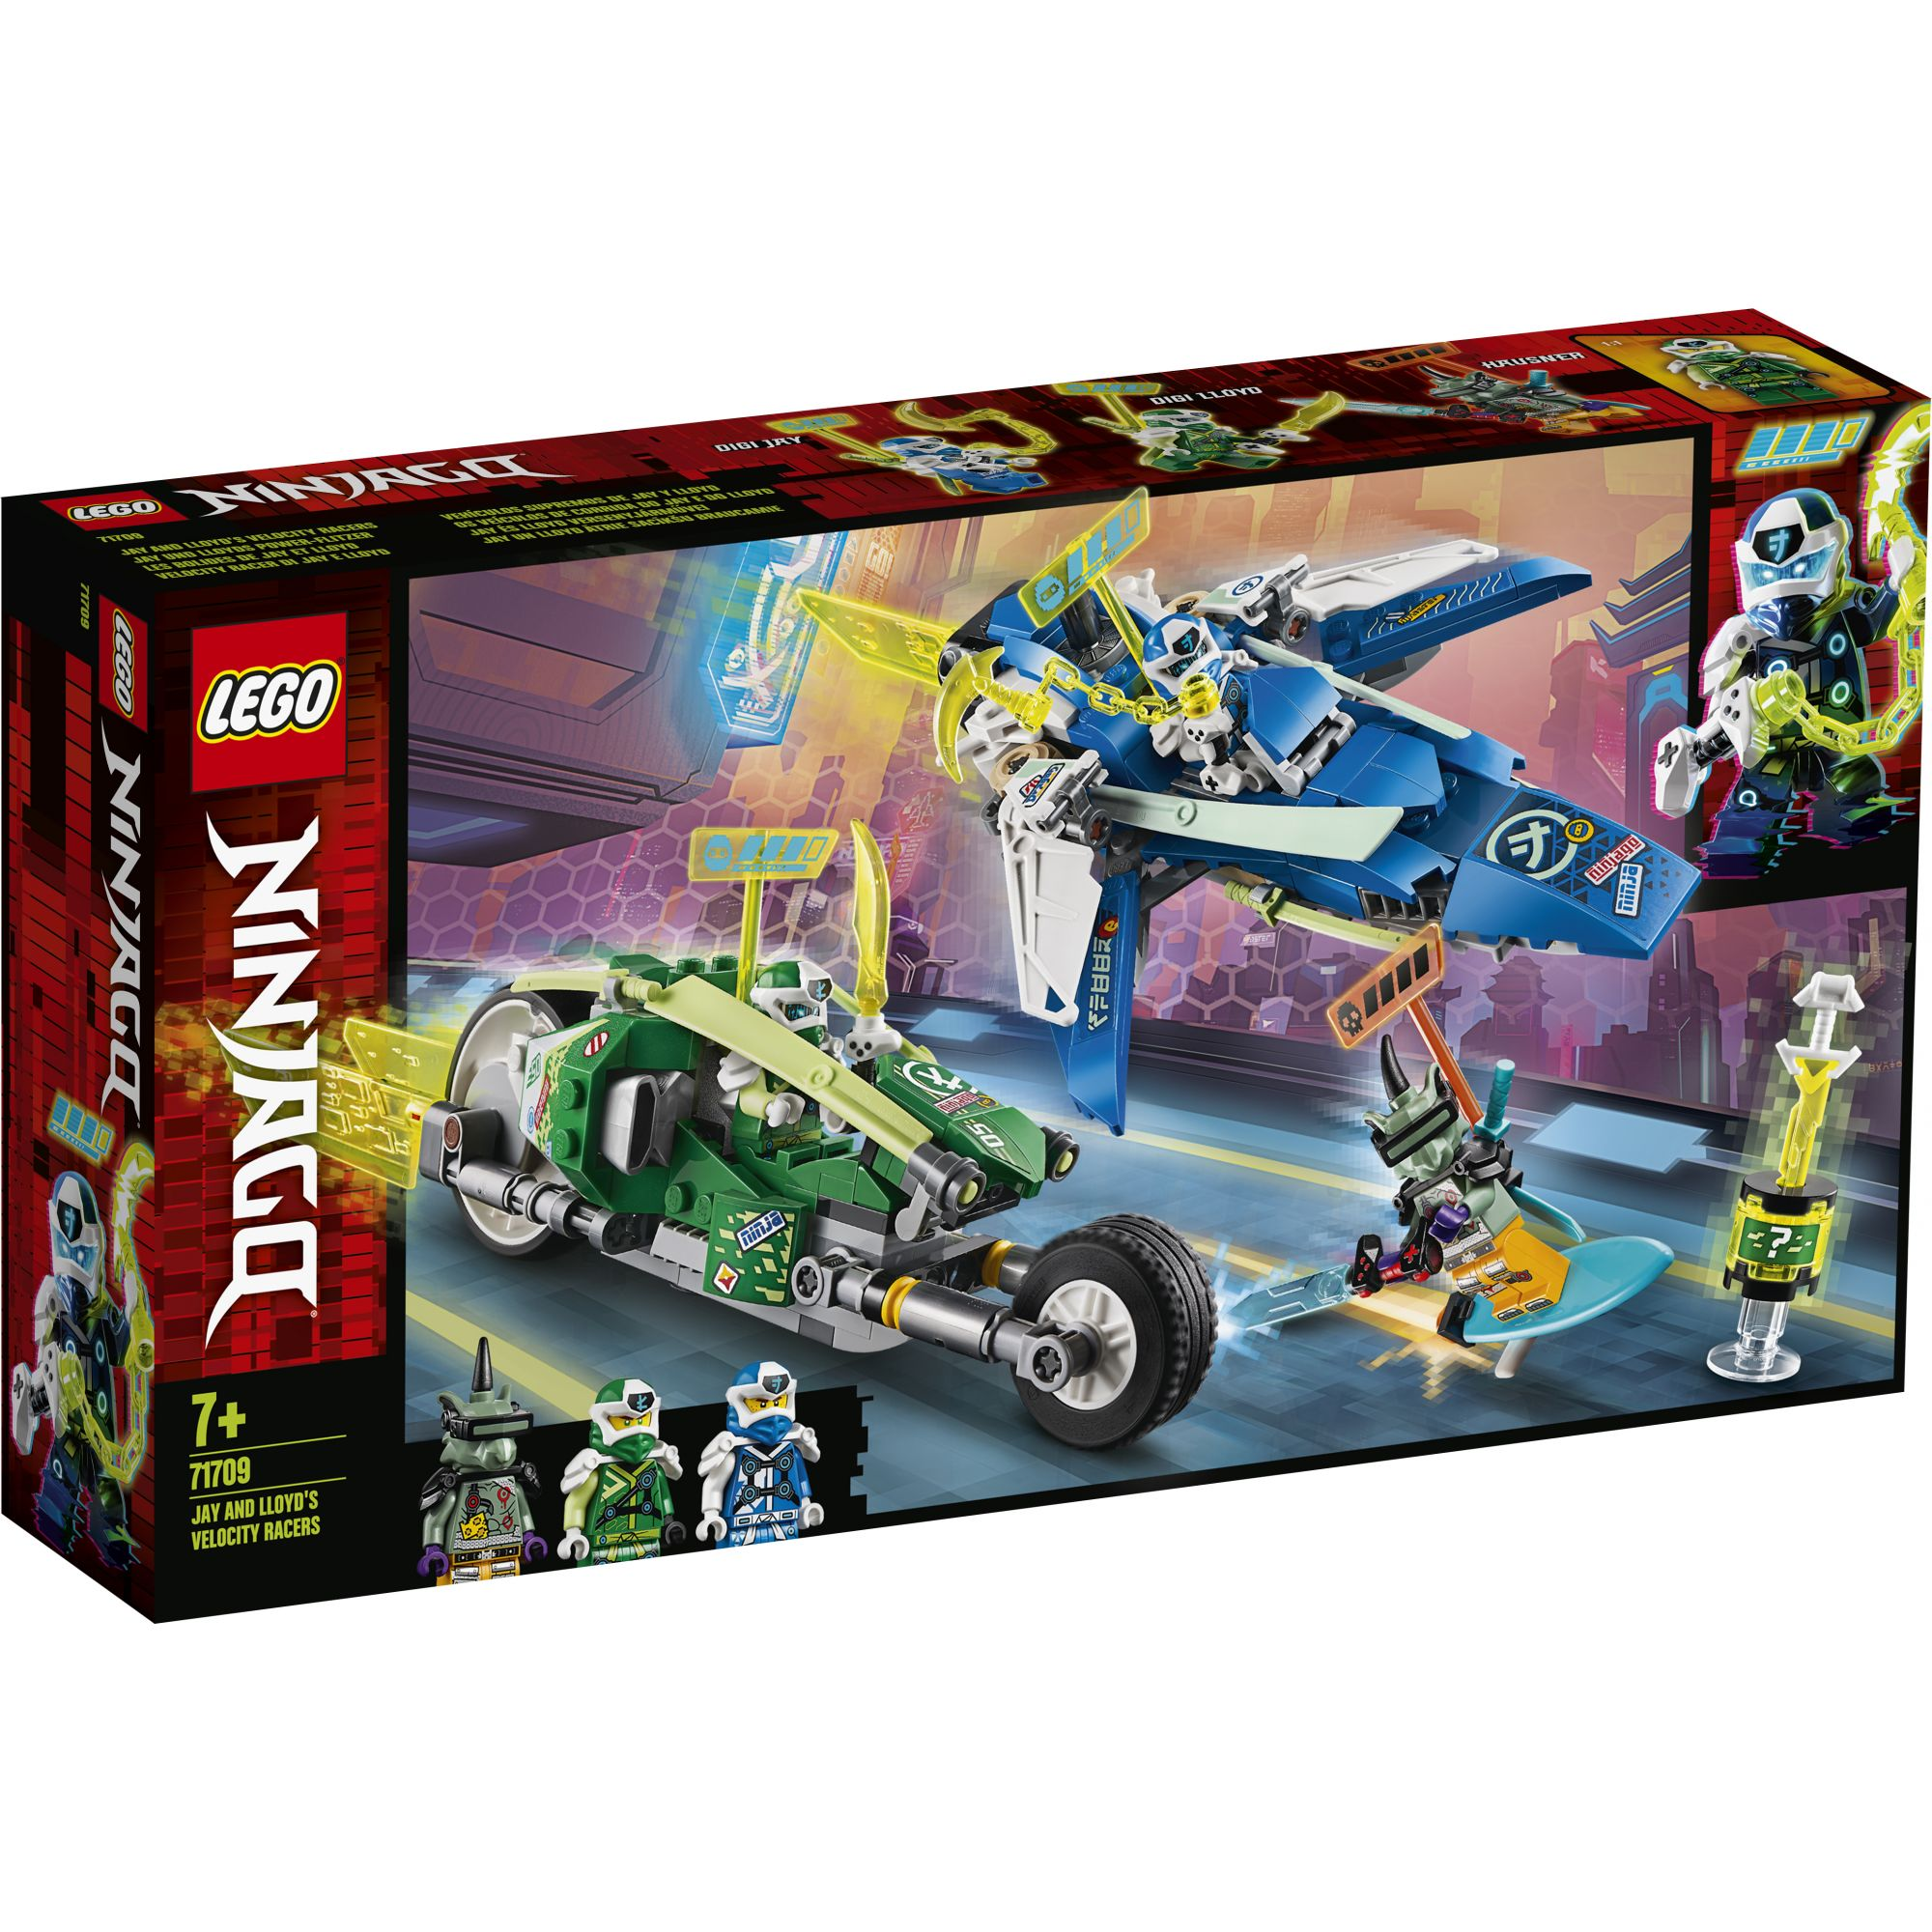 LEGO NINJAGO I bolidi di velocità di Jay e Lloyd - 71709 LEGO NINJAGO